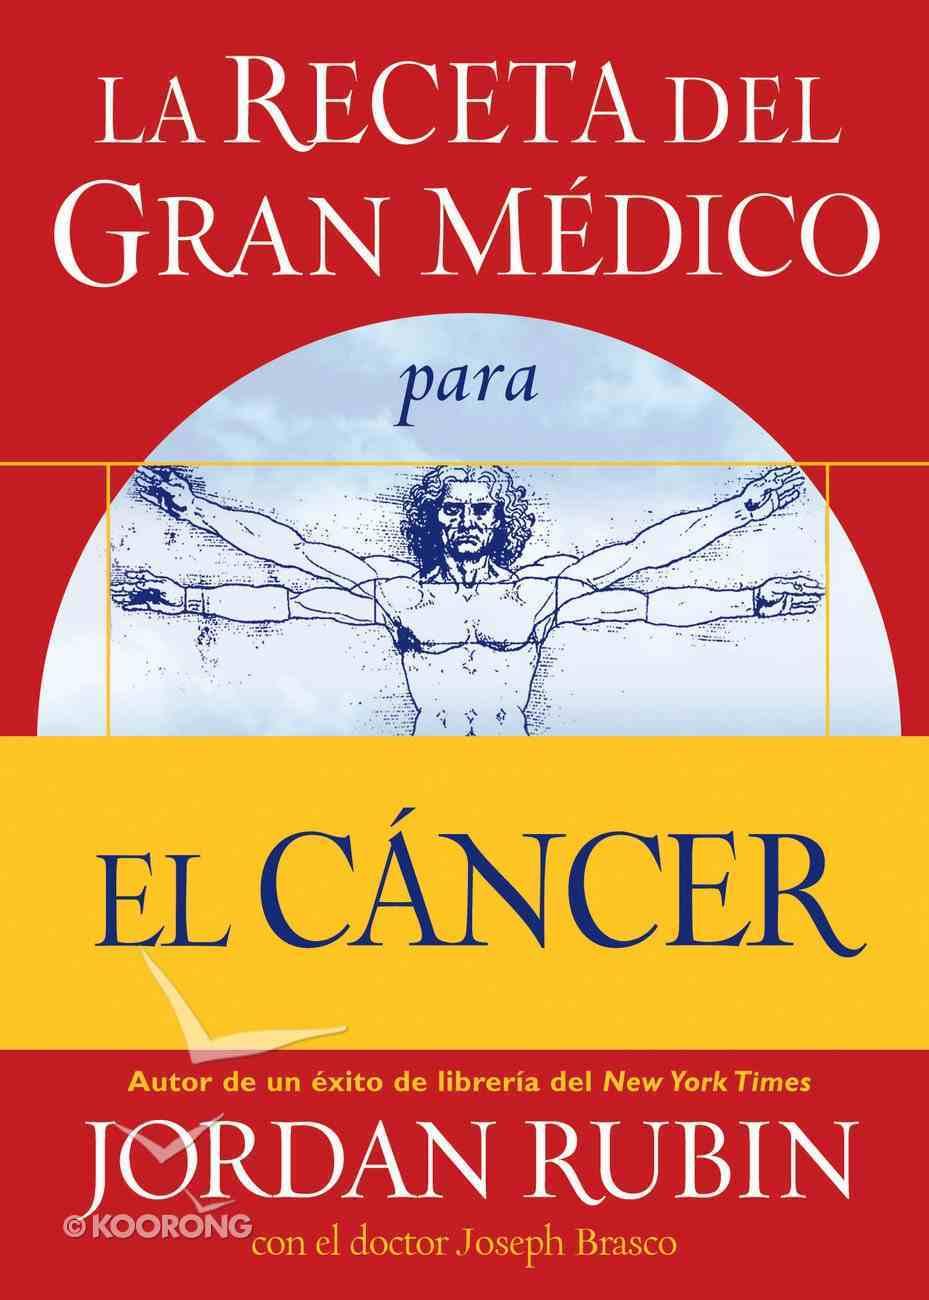 La Receta Del Gran Medico Para El Cancer (Spanish) (Spa) (Great Physician's Prescription For Cancer, The) eBook